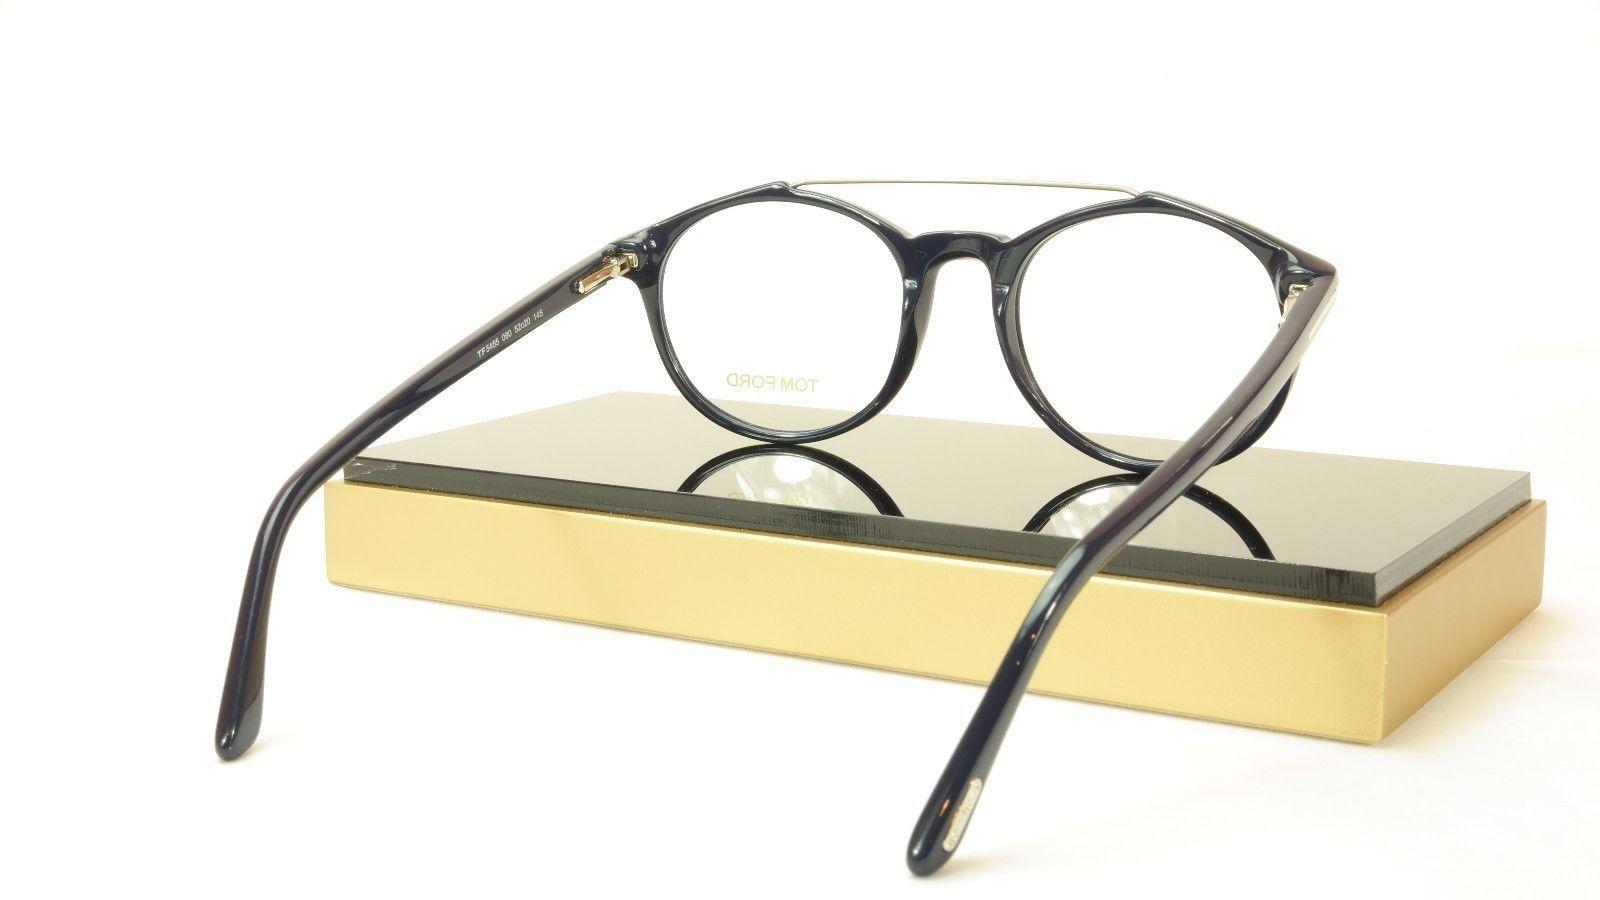 Tom Ford Authentic Eyeglasses Frame TF5455 090 Dark Navy Blue Italy 52-20-145 image 8